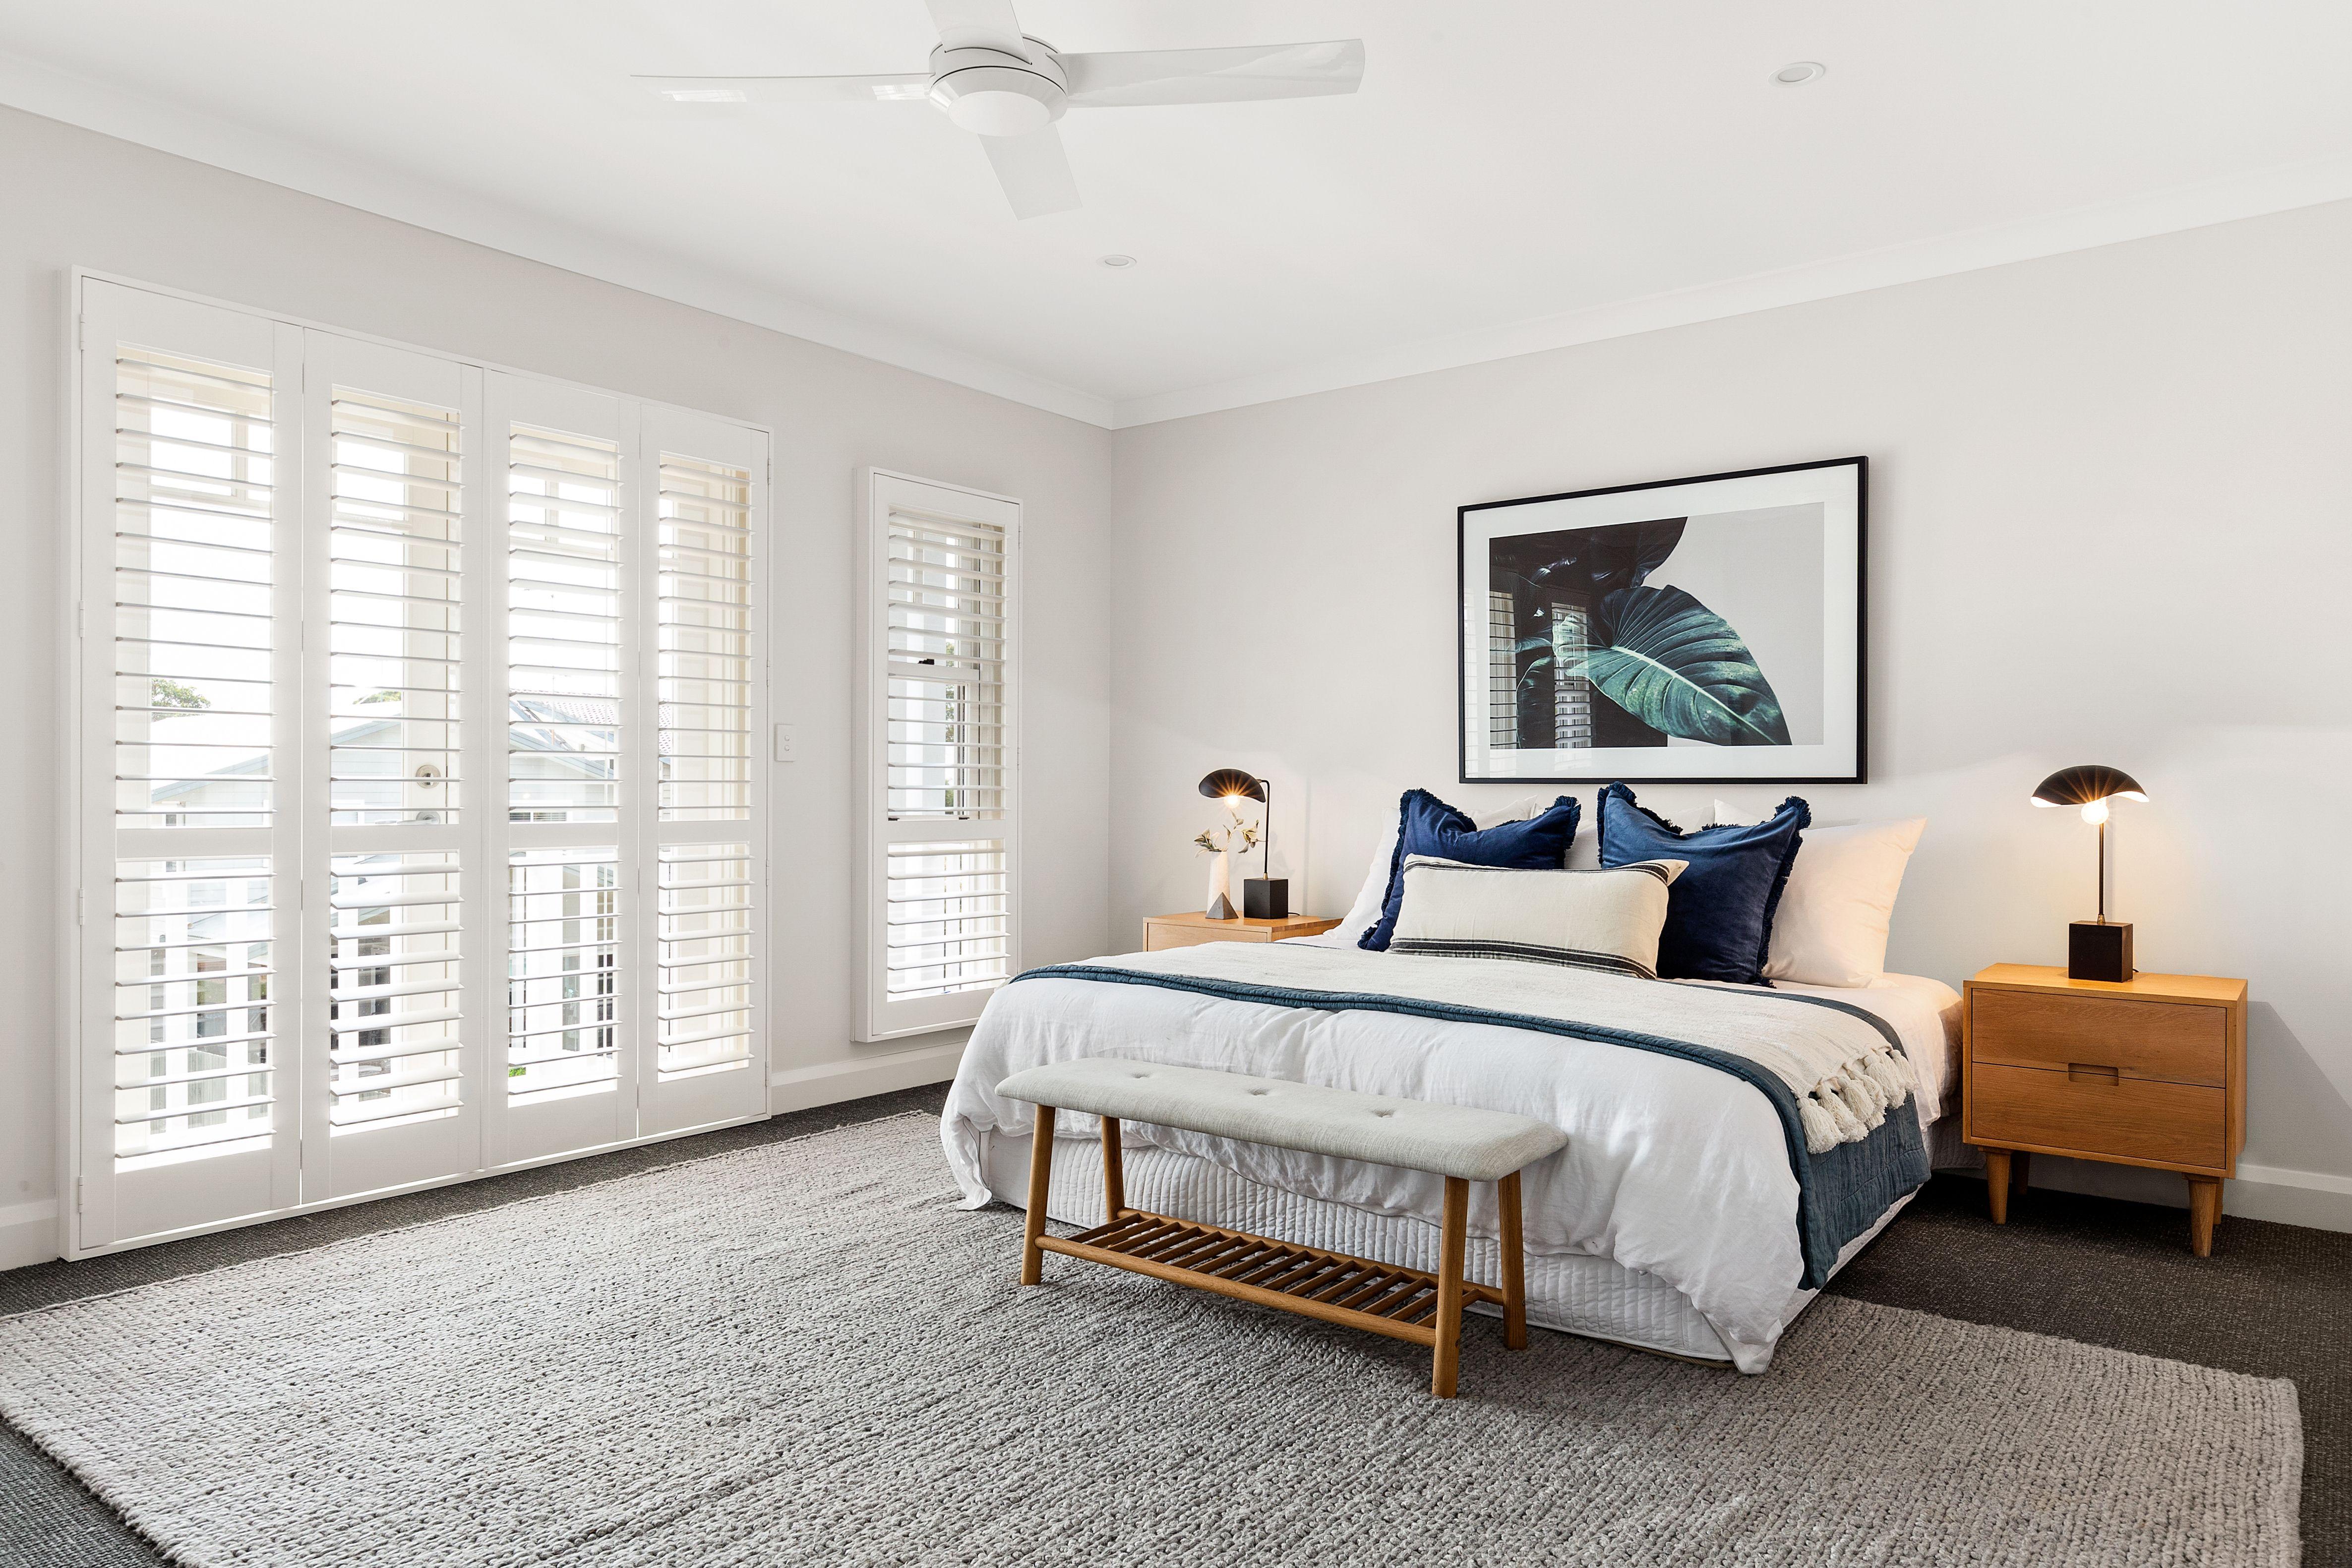 #hamptons #hamptonsbedroom #bedroominspiration #hamptonsliving